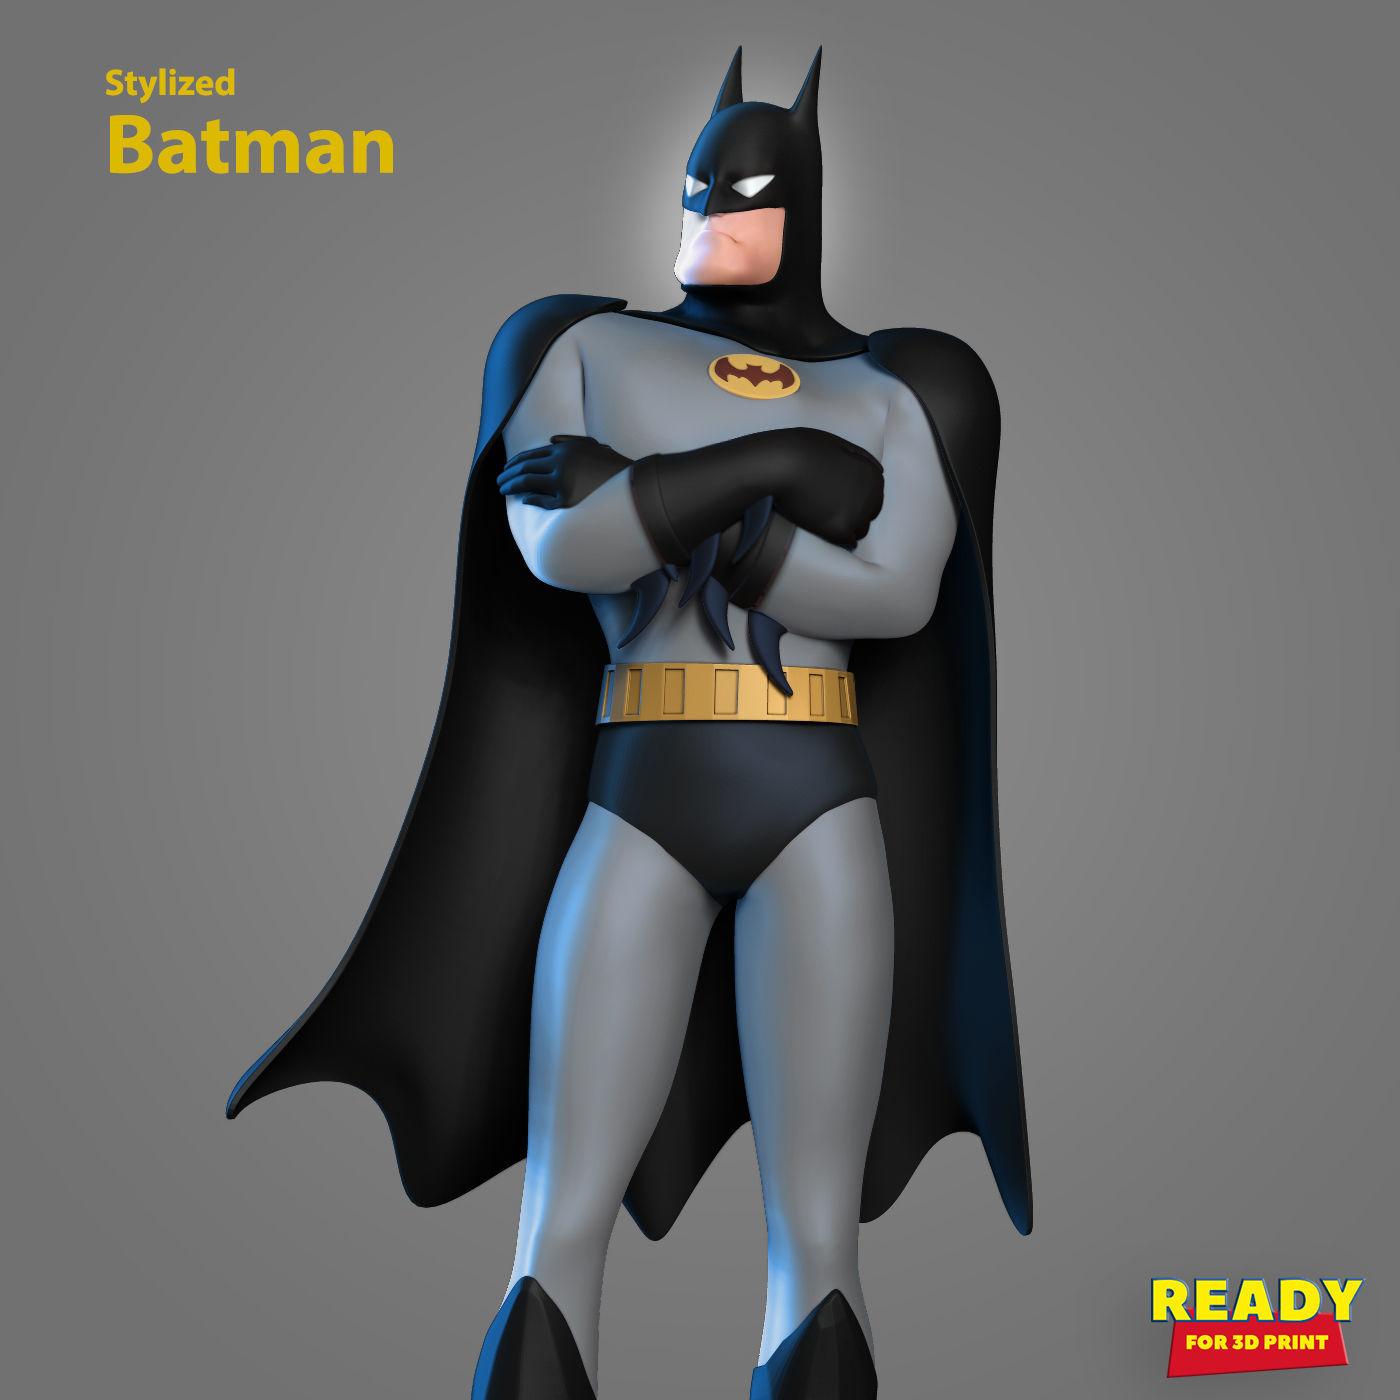 Batman - stylized